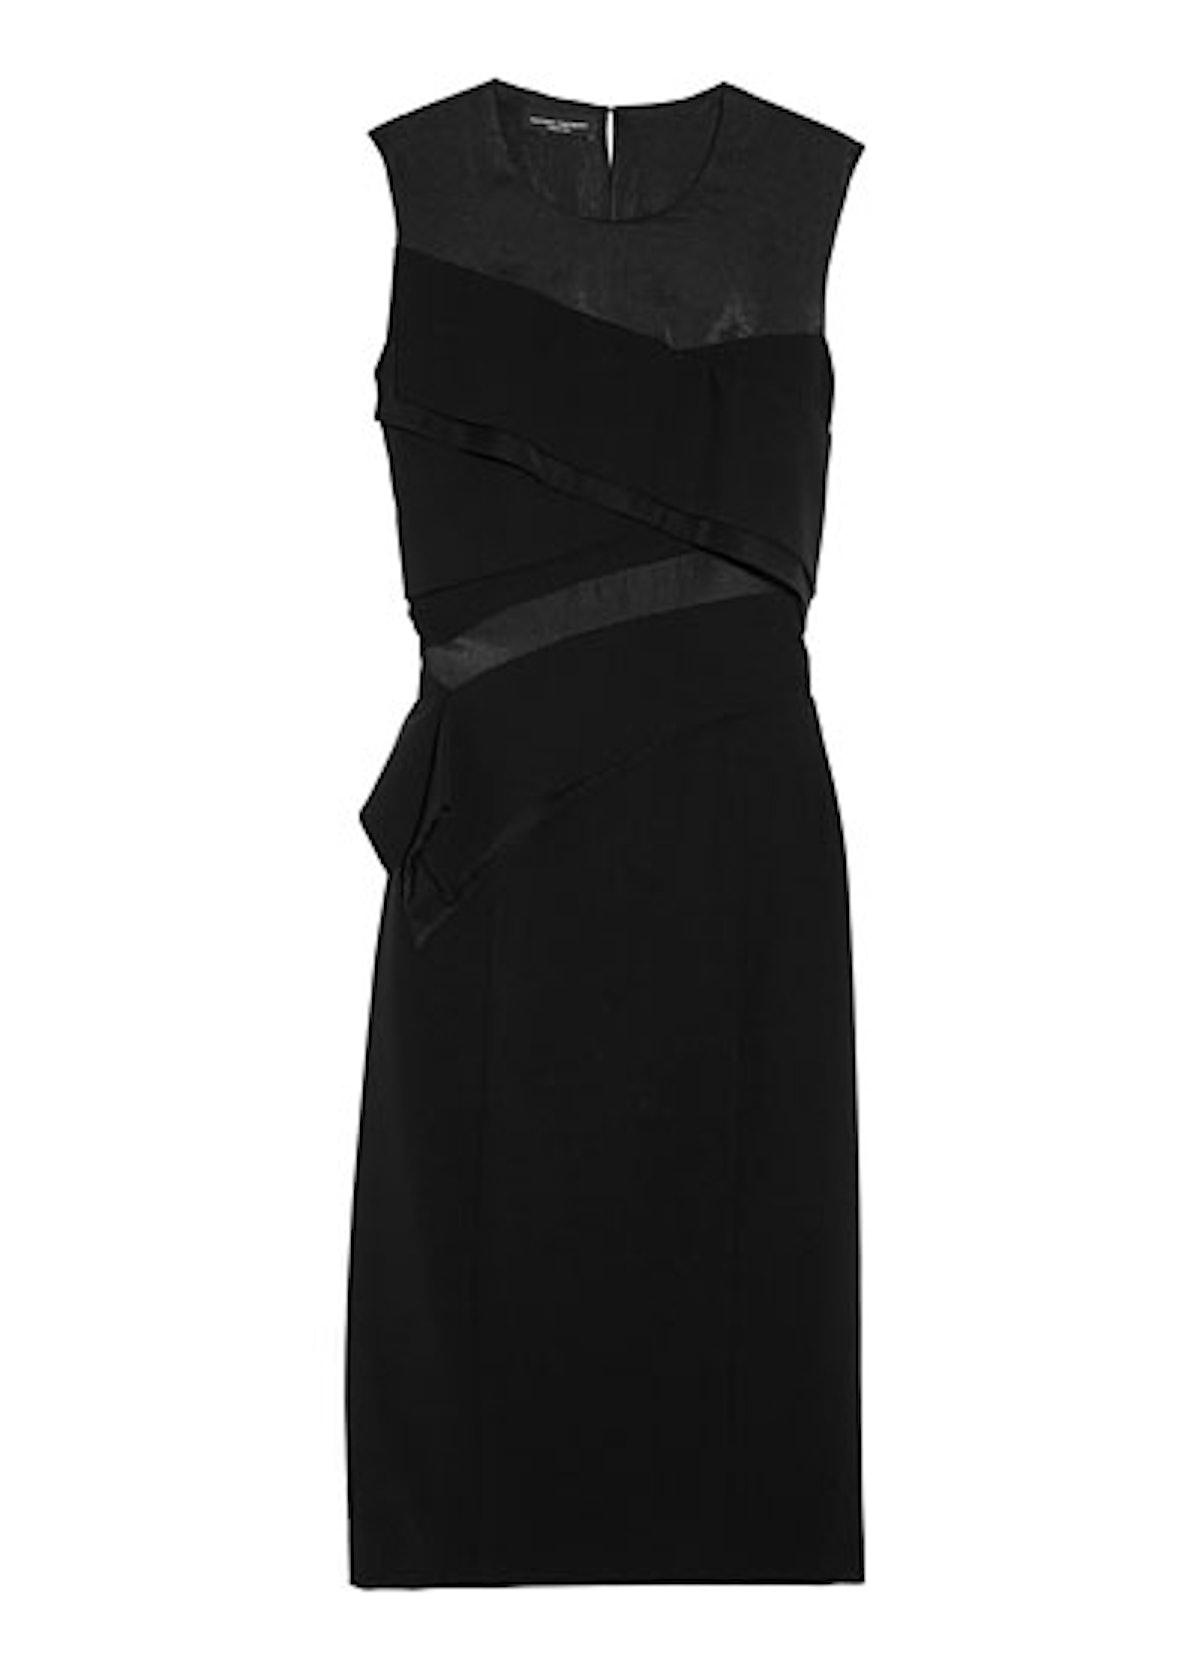 fass-little-black-dresses-11-v.jpg